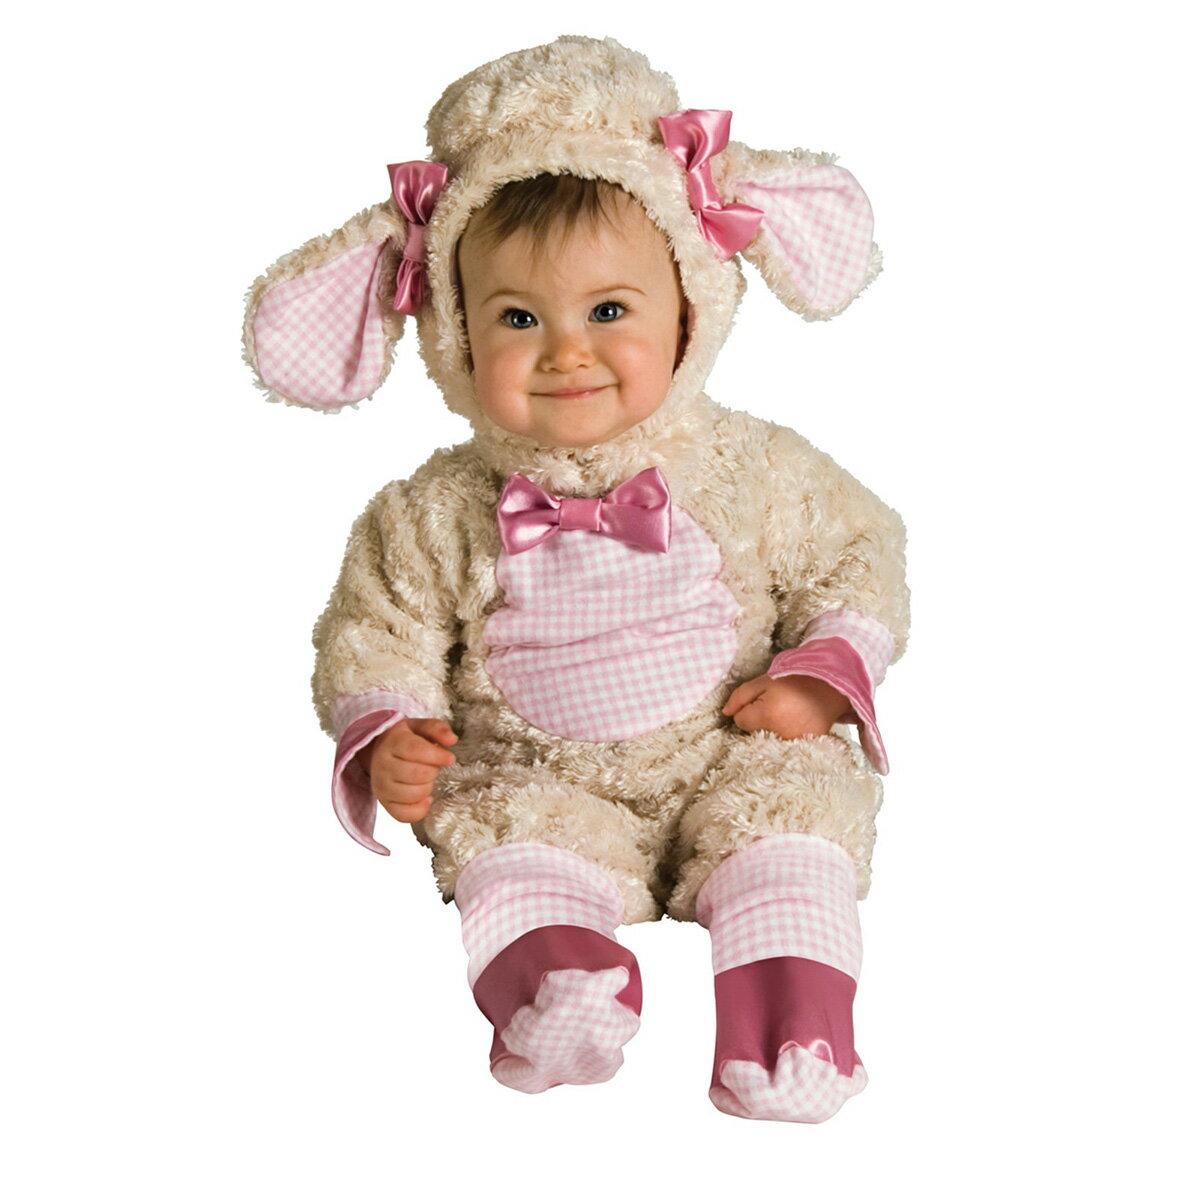 羊 コスチューム ベビー 赤ちゃん 衣装 着ぐるみ 動物 コスプレ ハロウィン 仮装 2015年 干支 あす楽